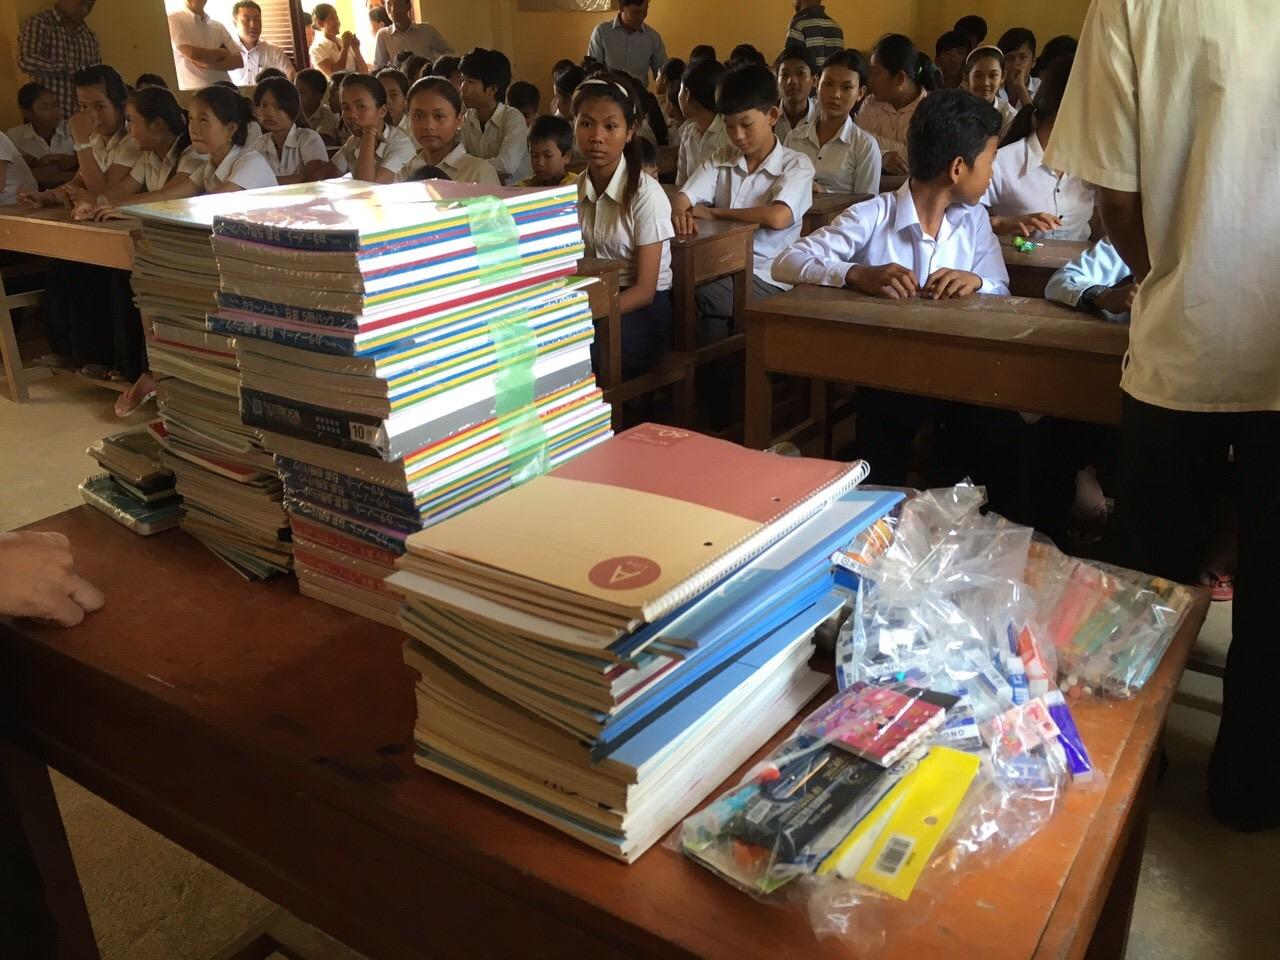 いつもとは一味違う旅へ!カンボジアの子供たちへ文房具を届ける旅!